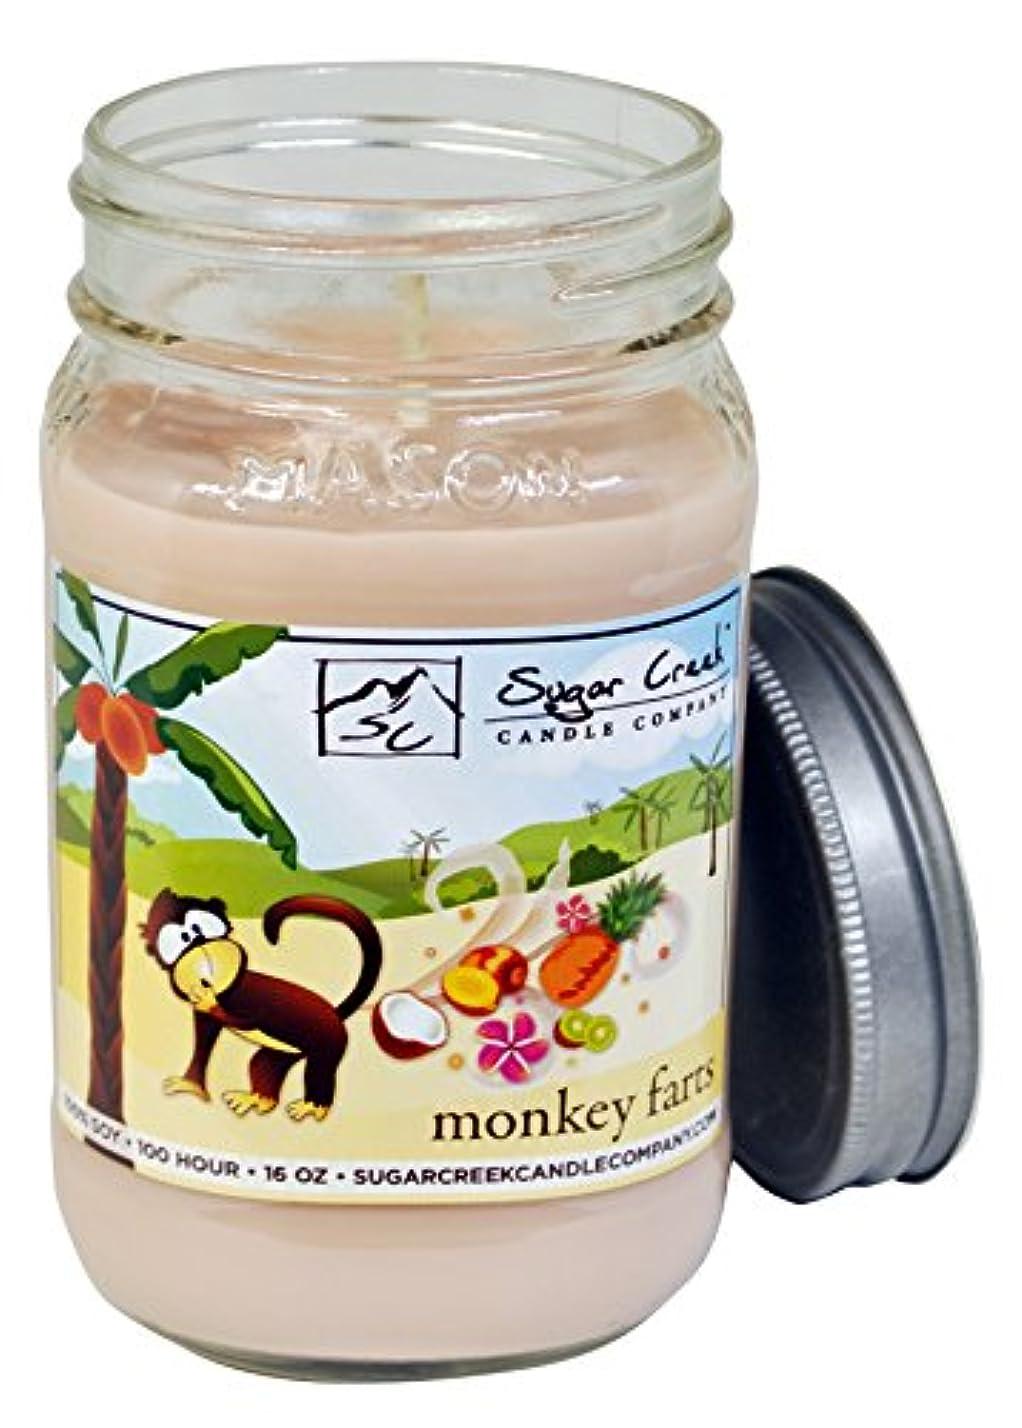 ラオス人おばあさん定説Sugar CreekキャンドルMonkey Farts ( Insaneトロピカルフルーツ) 100 % Soy Wax Candle。大豆キャンドルBurn Cleaner ~ Longer ~非毒性~元の100 %...